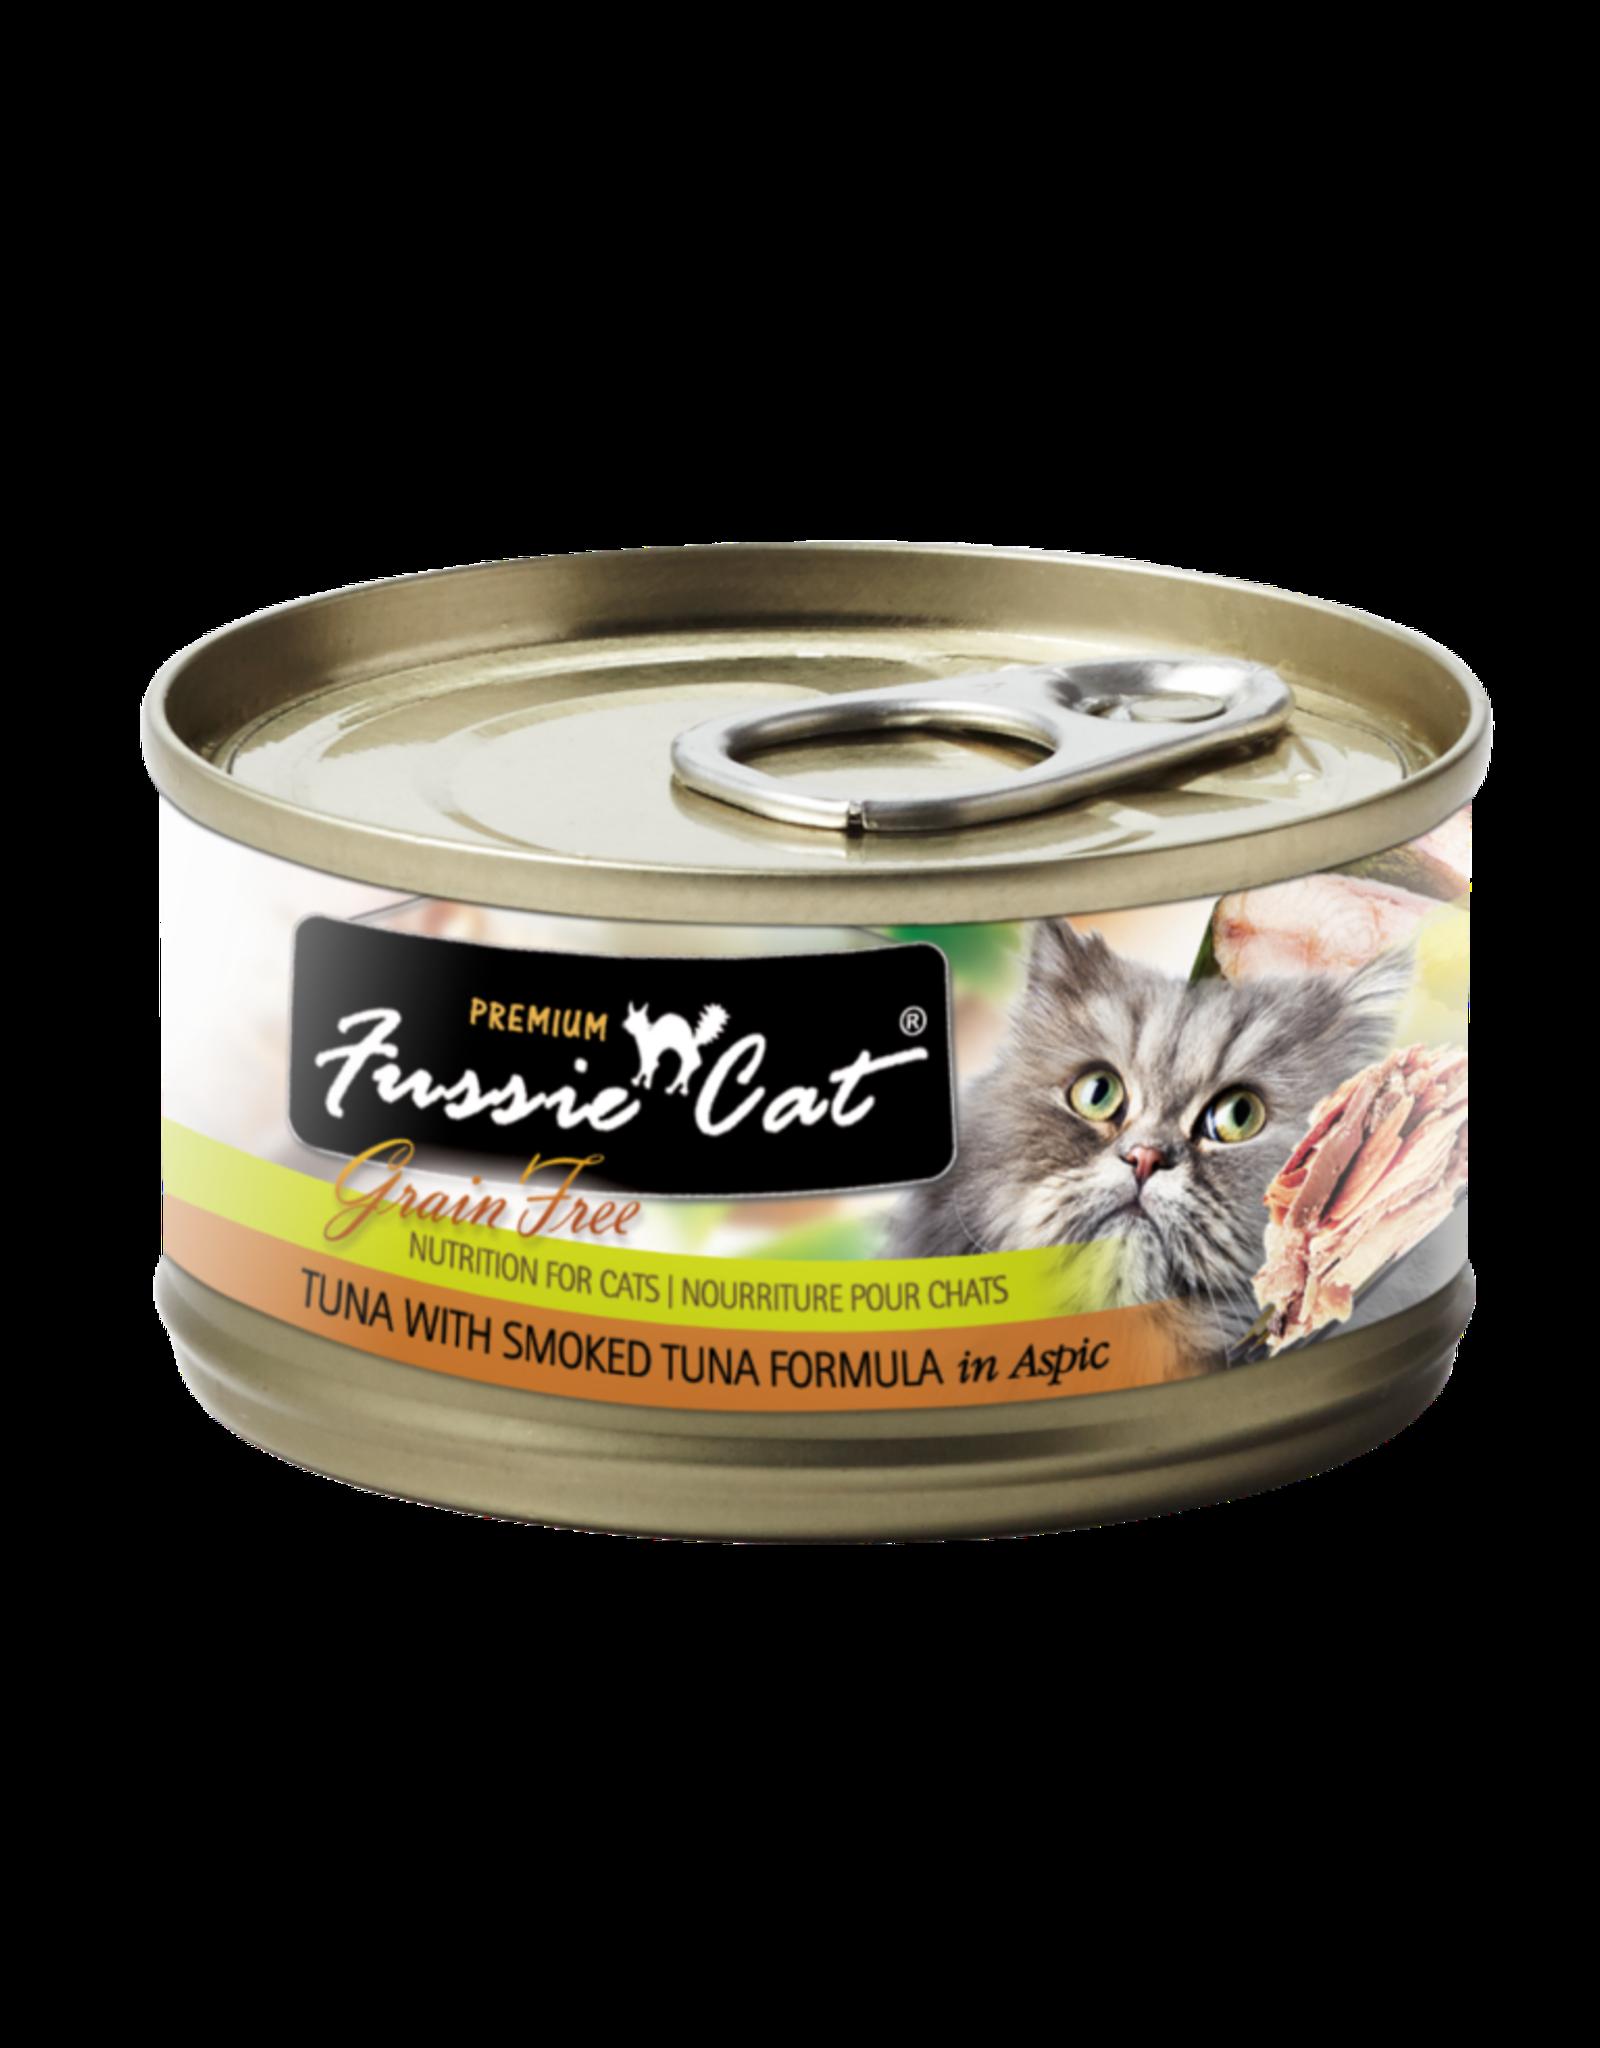 Fussie Cat FUSSIE CAT PREMIUM TUNA WITH SMOKED TUNA FORMULA IN ASPIC 2.8OZ